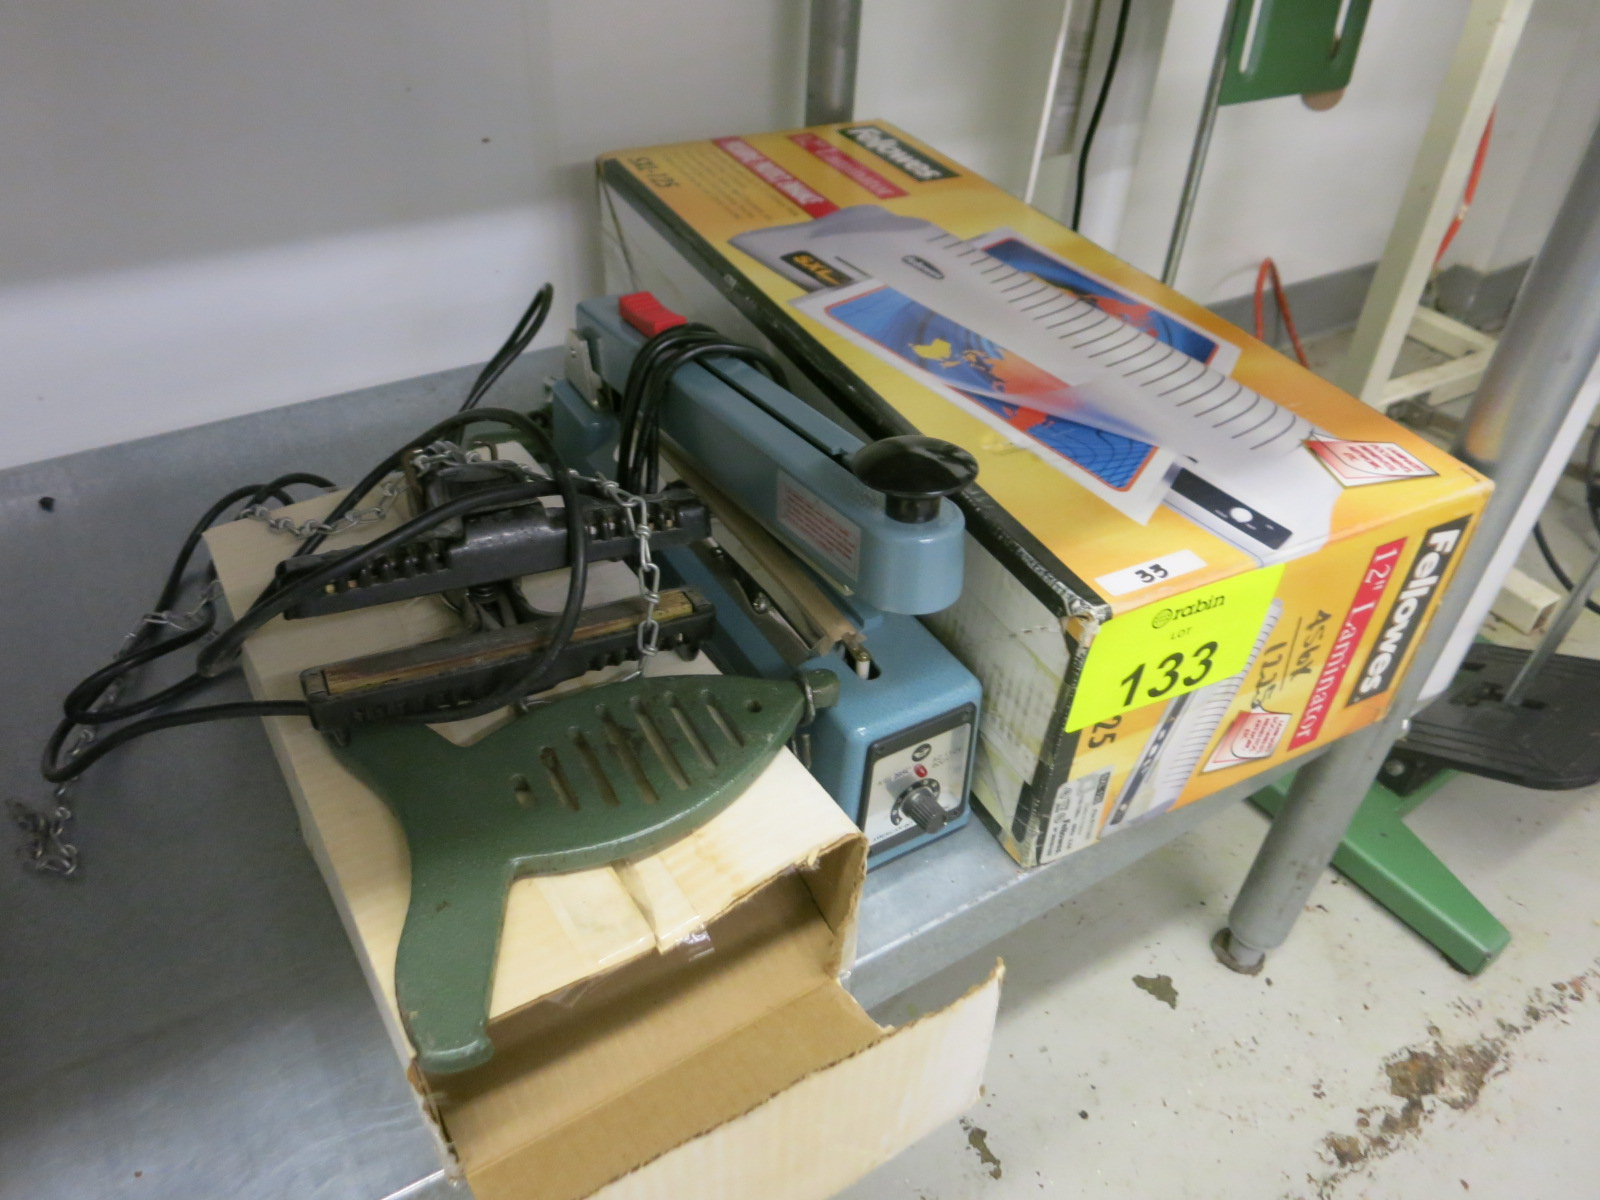 Lot 133 - Bar Sealers and Laminator